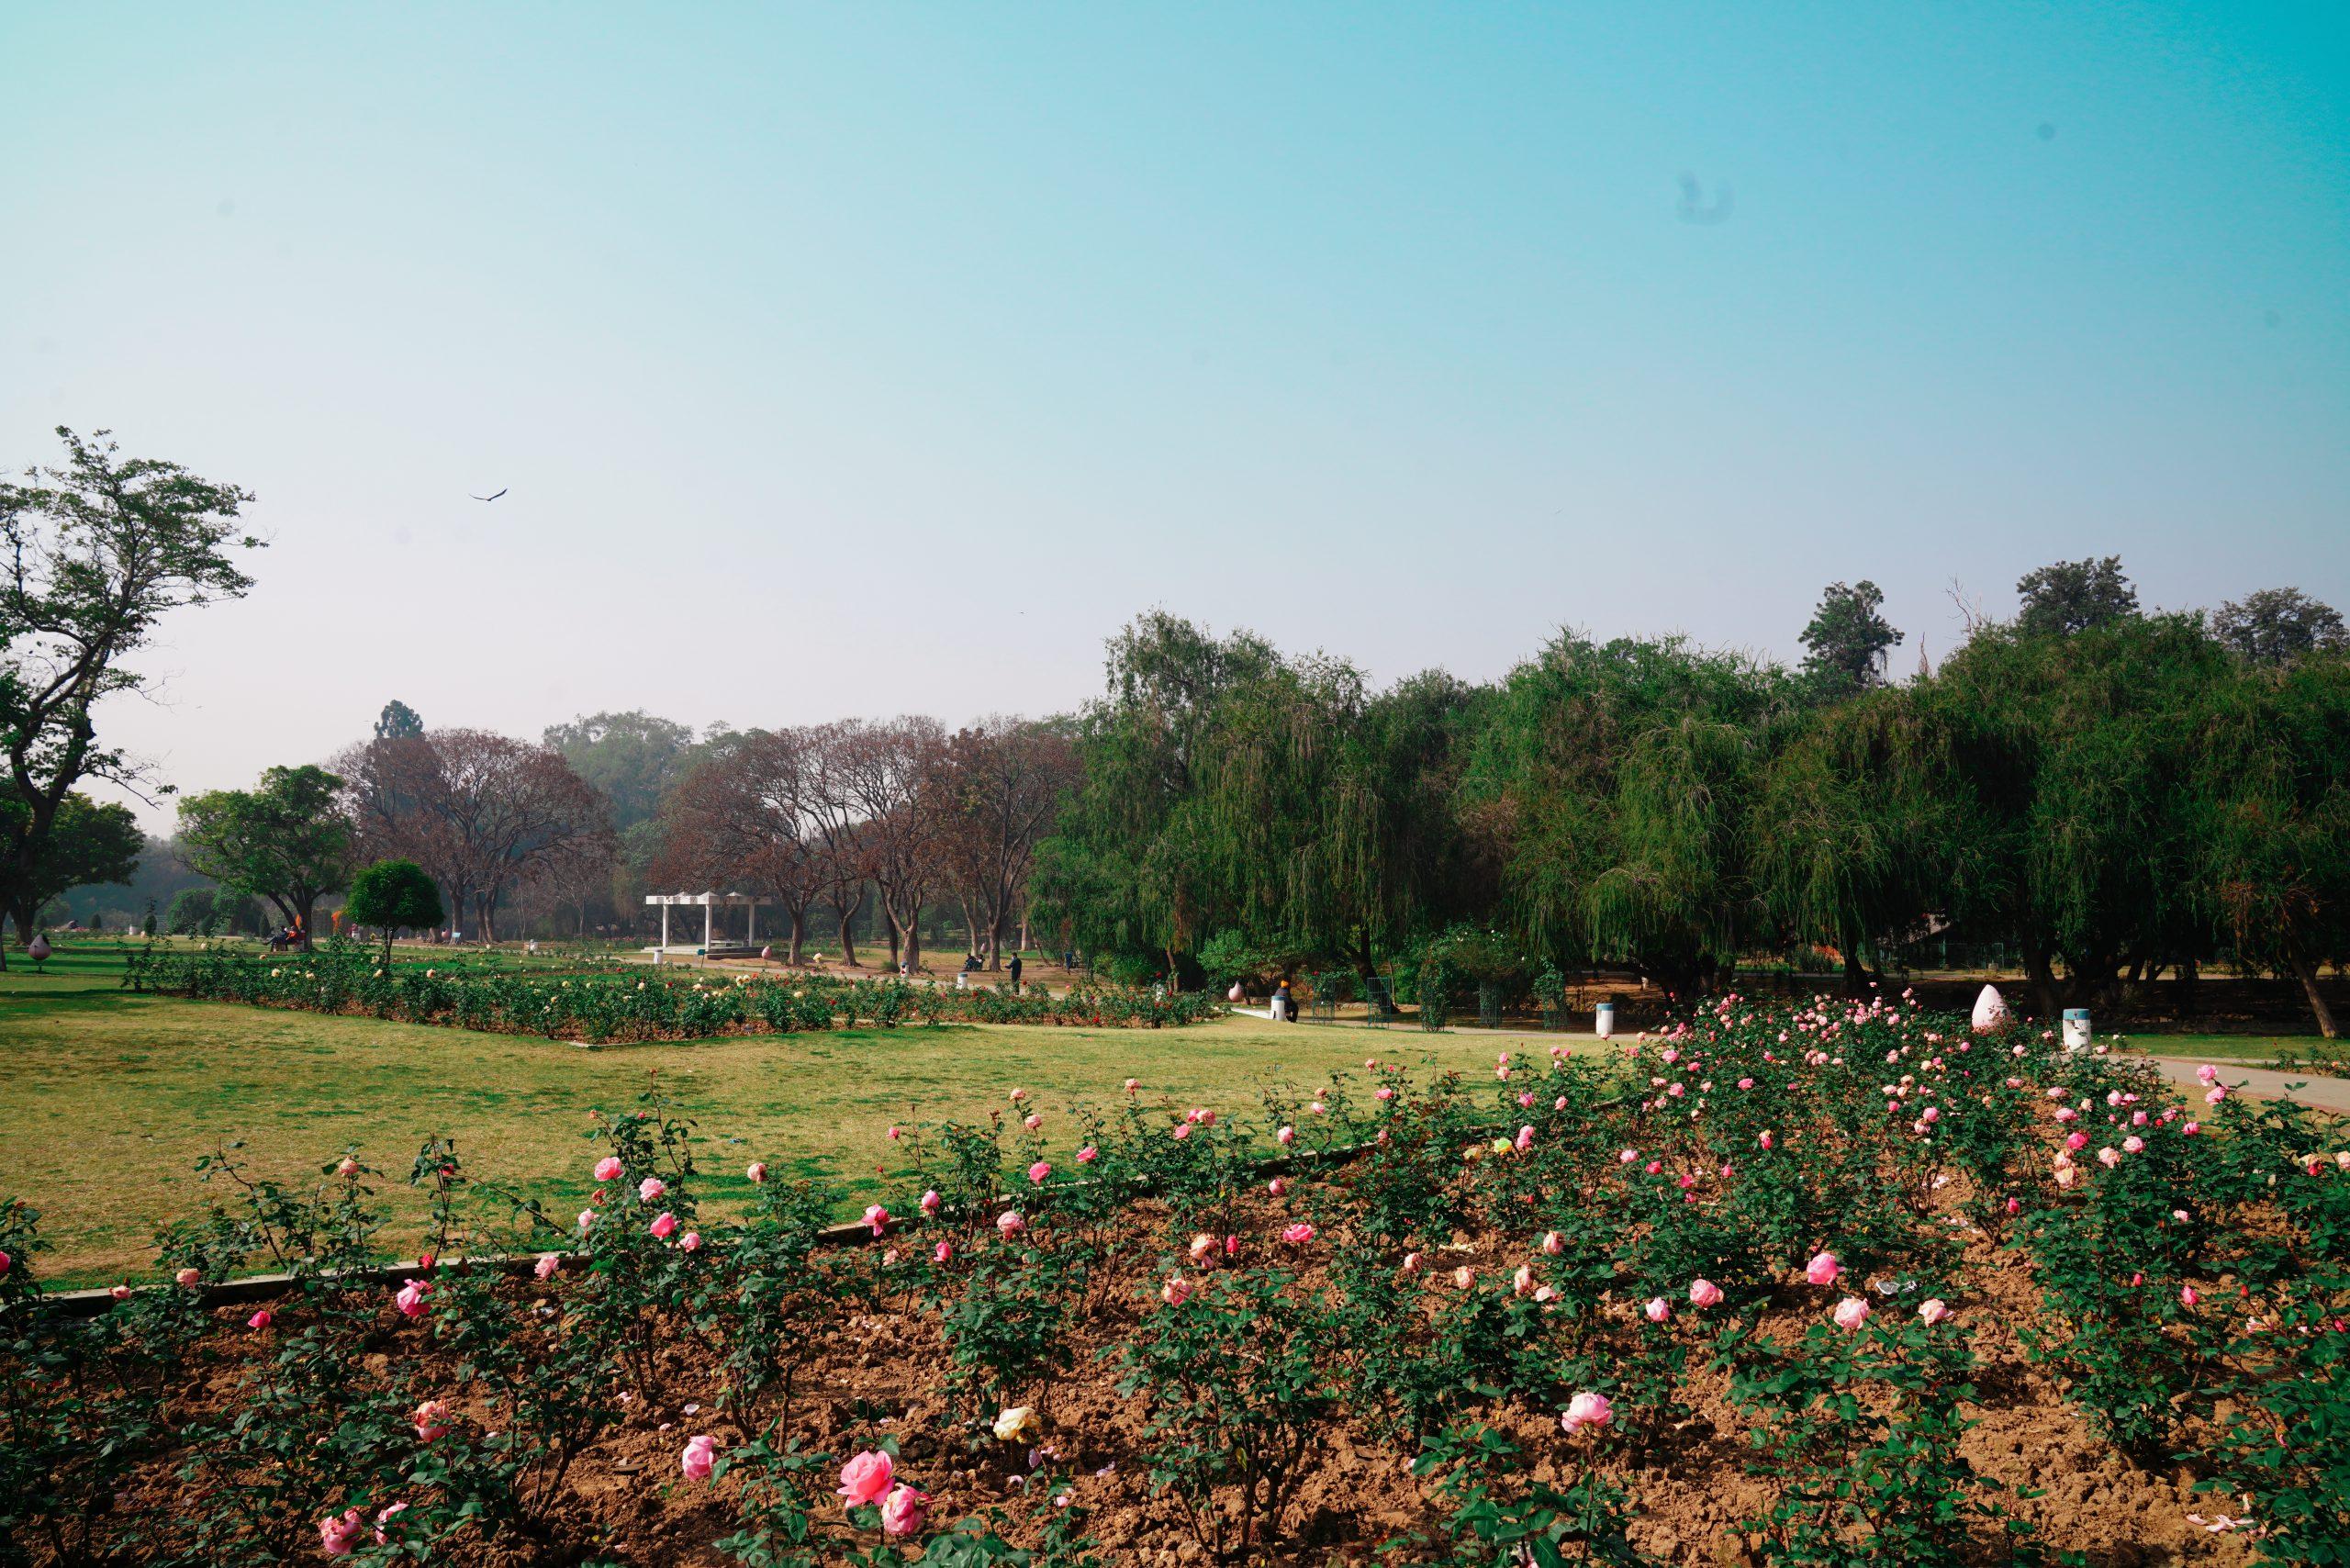 A garden in Chandigarh city